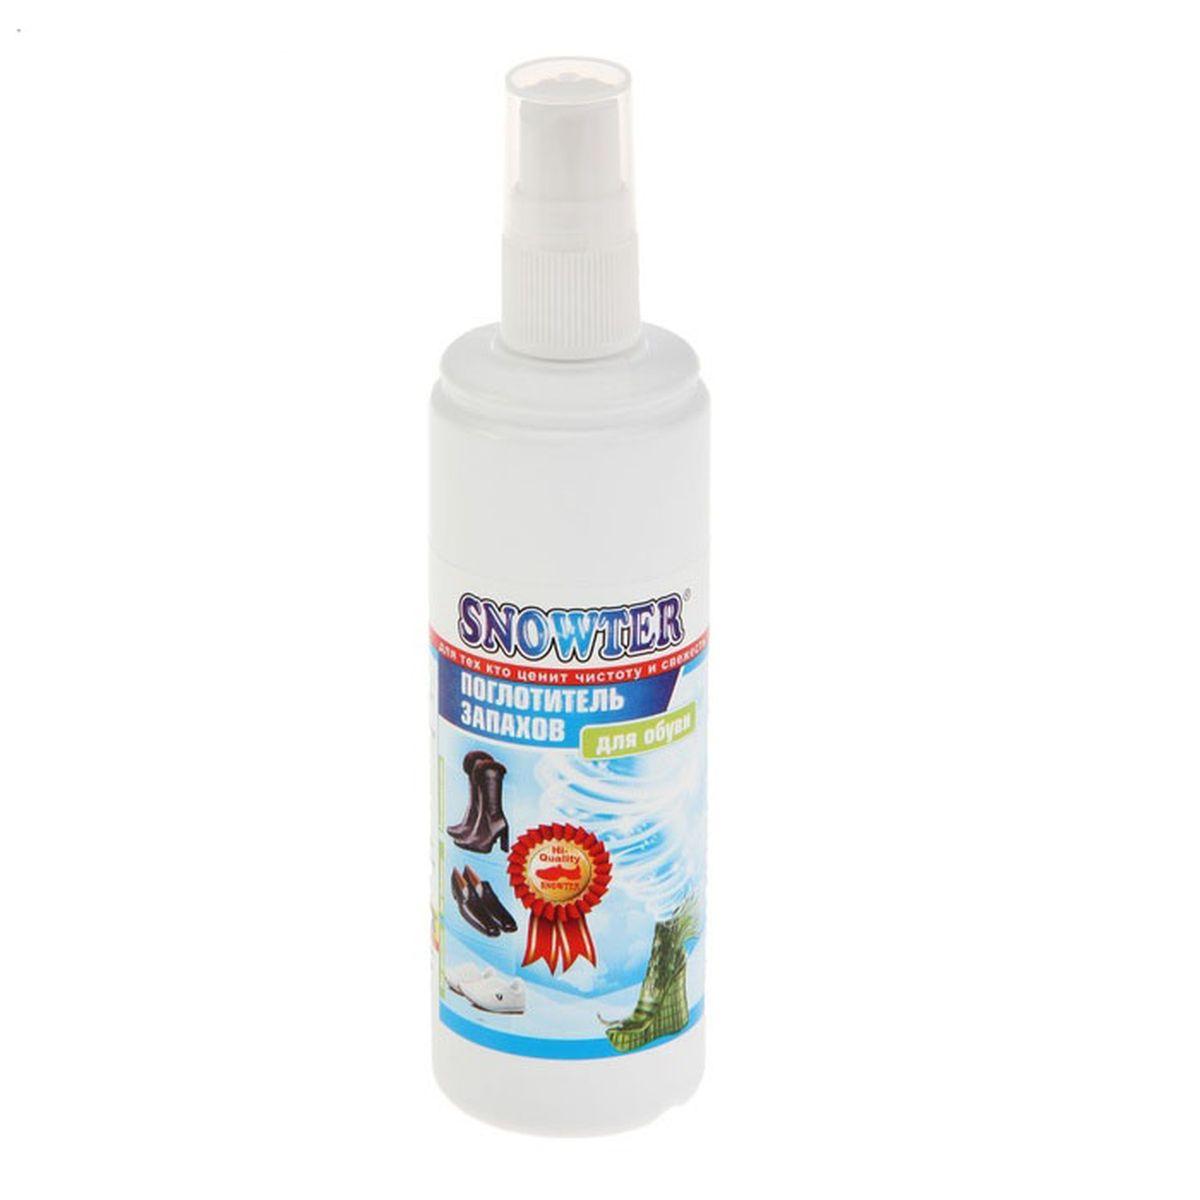 Поглотитель запахов для обуви Snowter, спрей, 100 мл4602083001491Предназначен для обработки обуви от неприятных запахов. Спрей содержит в своей основе вещество, молекулы которого разрушают ароматические молекулы запаха. Это очень эффективное средство, которое, в отличие от ароматизаторов воздуха, не маскирует неприятный запах, а уничтожает сам источник неприятного запаха. Особенно это актуально для спортивной и зимней обуви. В состав спрея введены дополнительные ароматические, антибактериальные и антисептические компоненты. Эффект сохраняется в течение 3-4 дней после обработки.